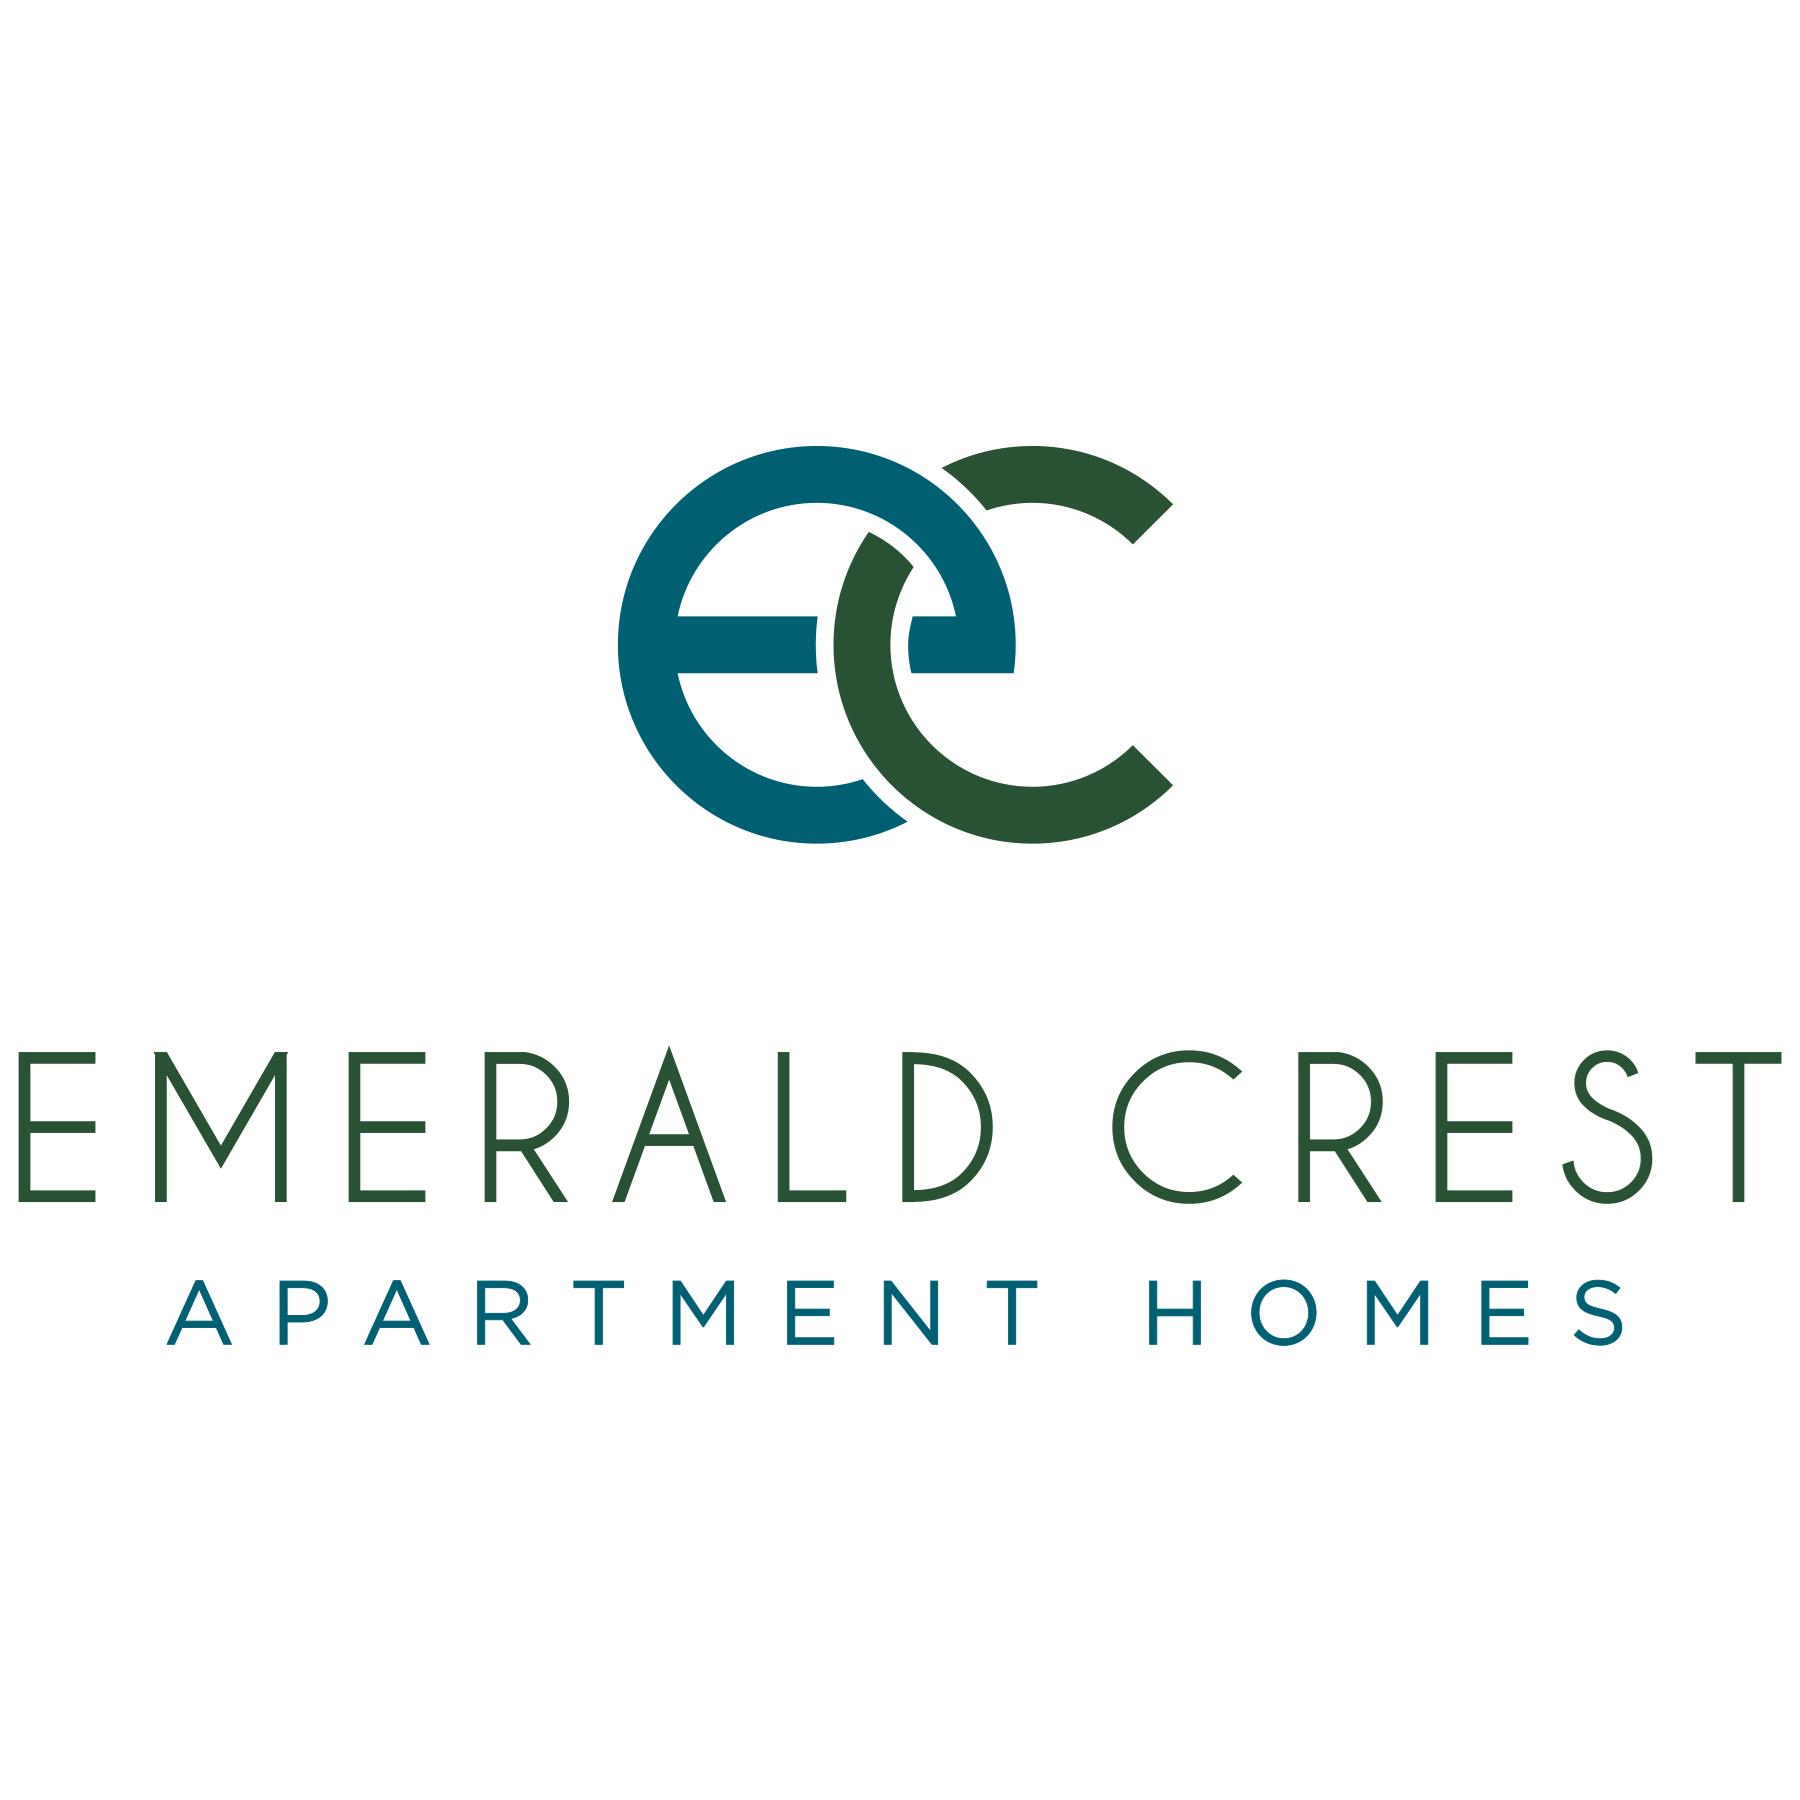 Emerald Crest